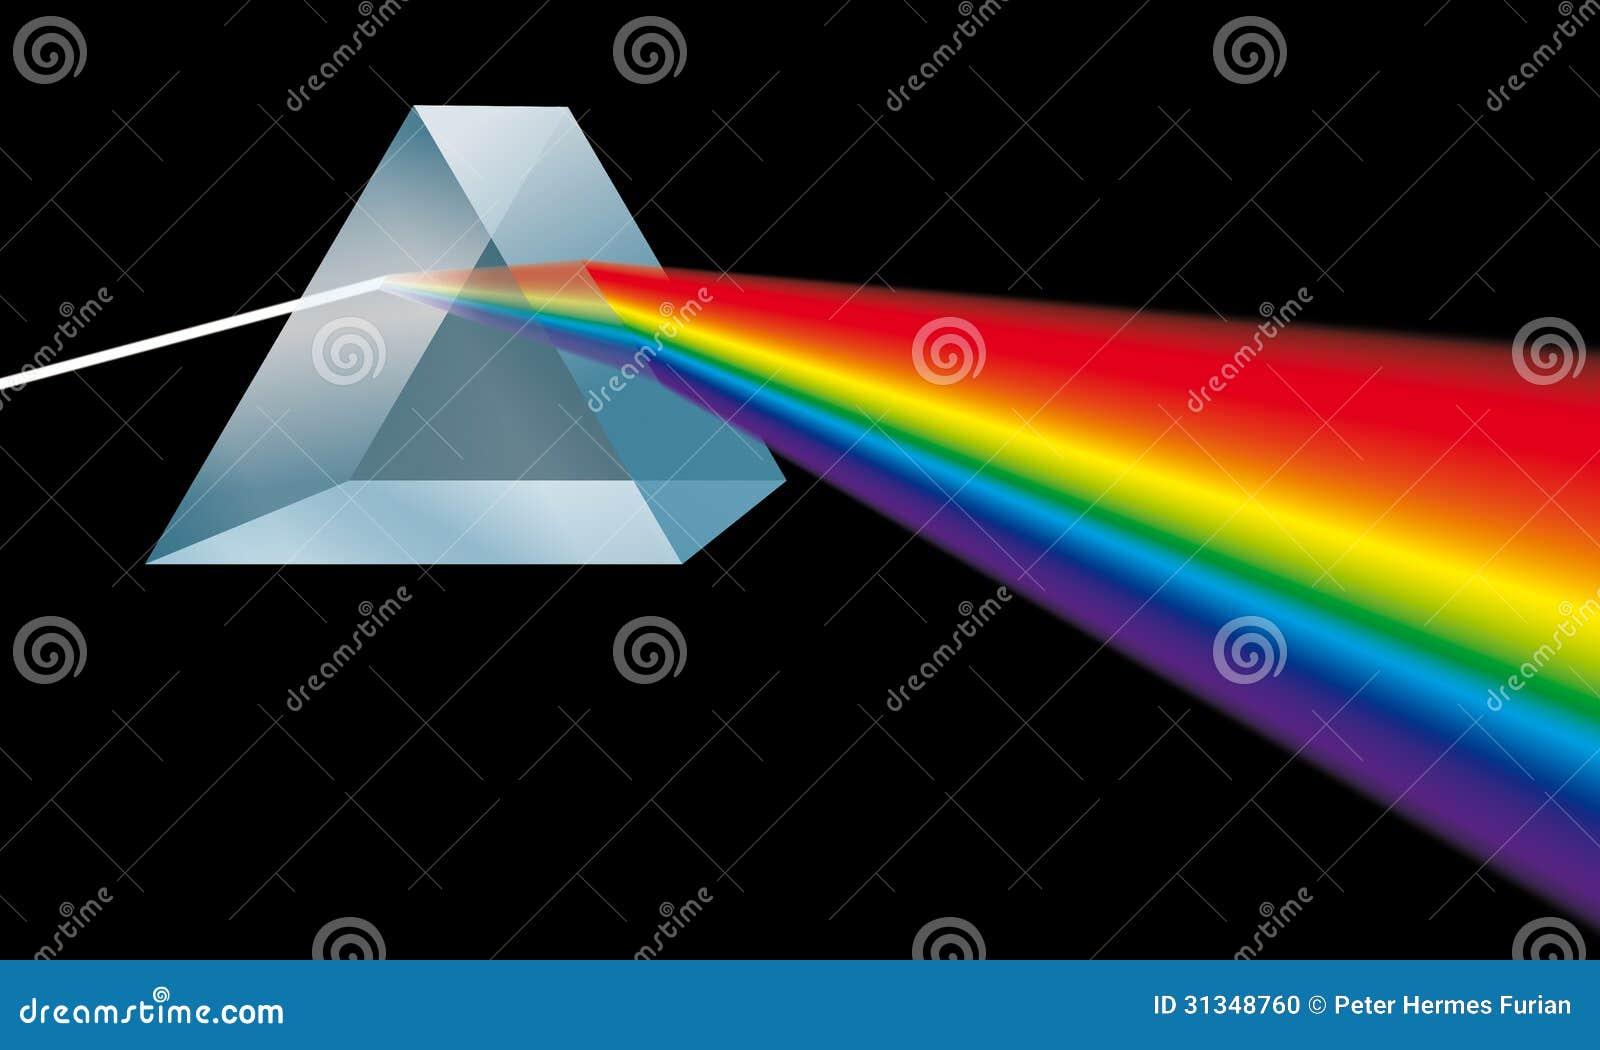 Den triangulära prisman bryter ljus in i spektral- färger